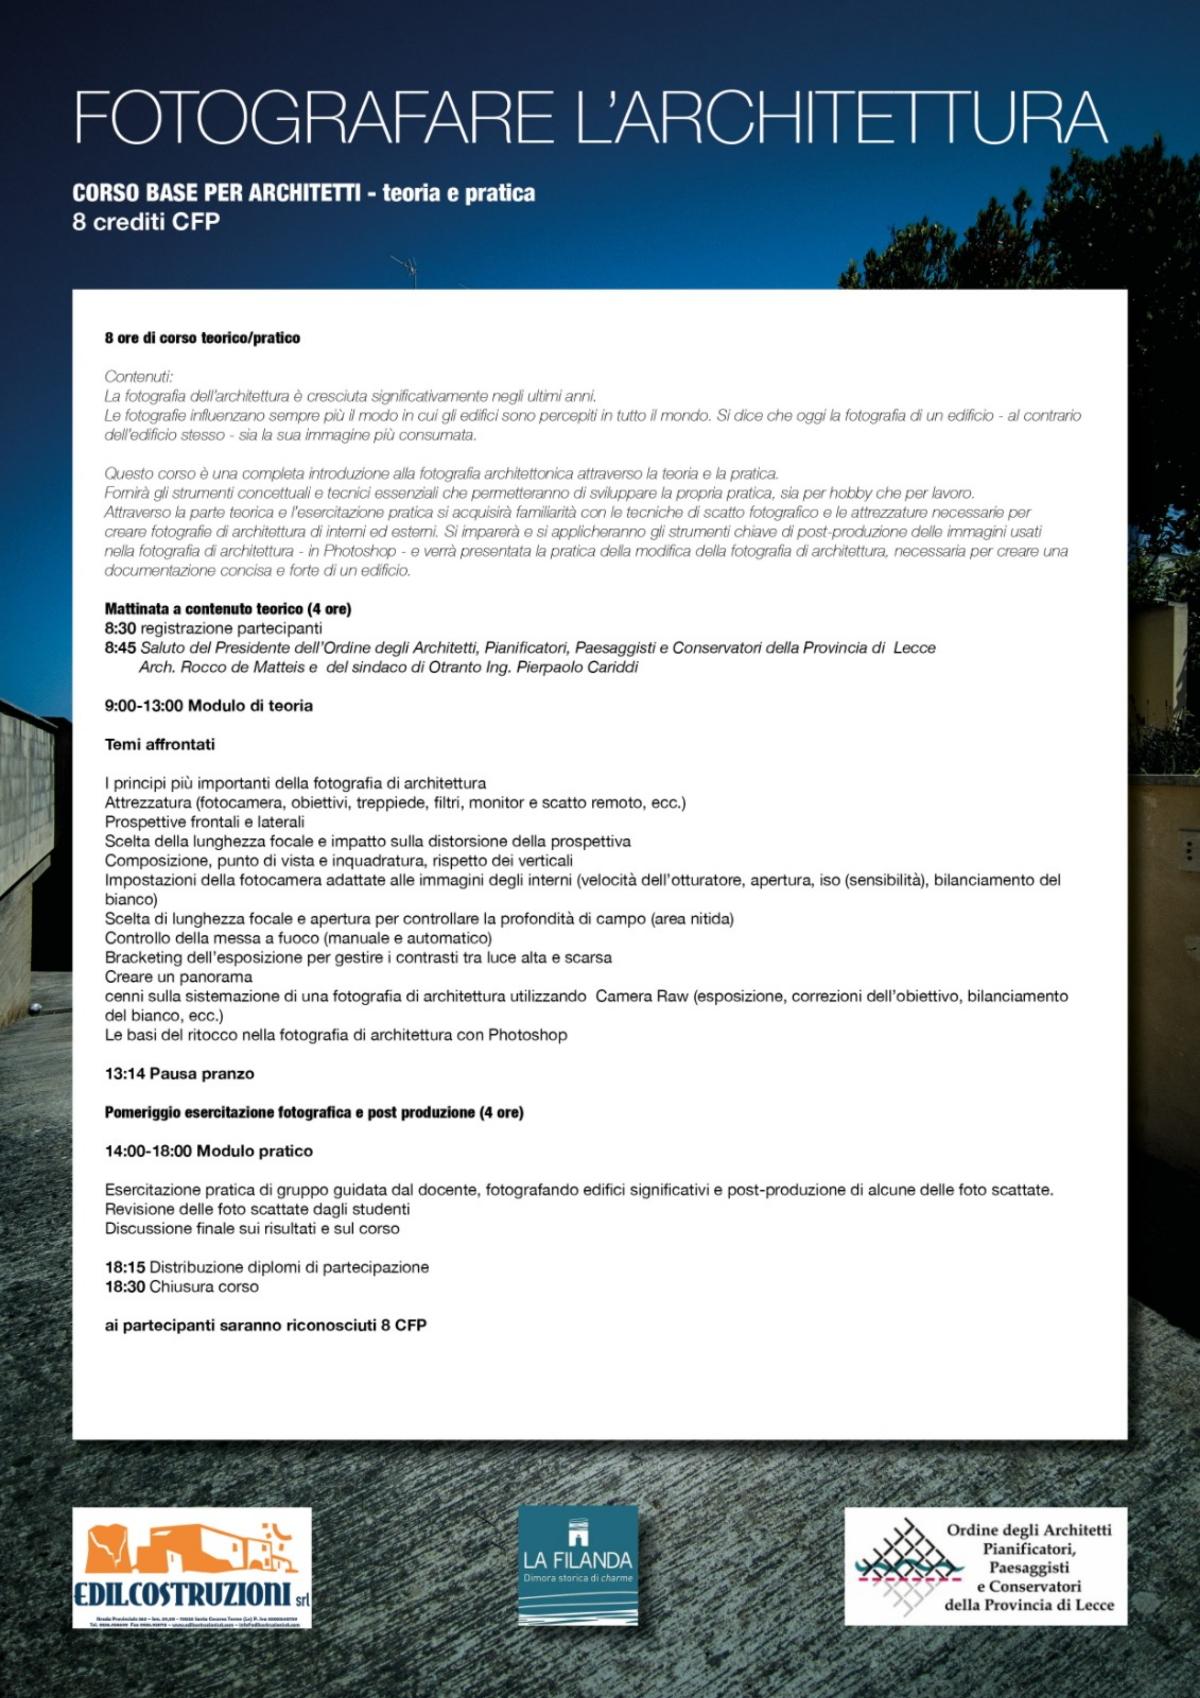 La Filanda Salento 2020-09-20 Fotografare architettura - Corso base per Architetti - Programma